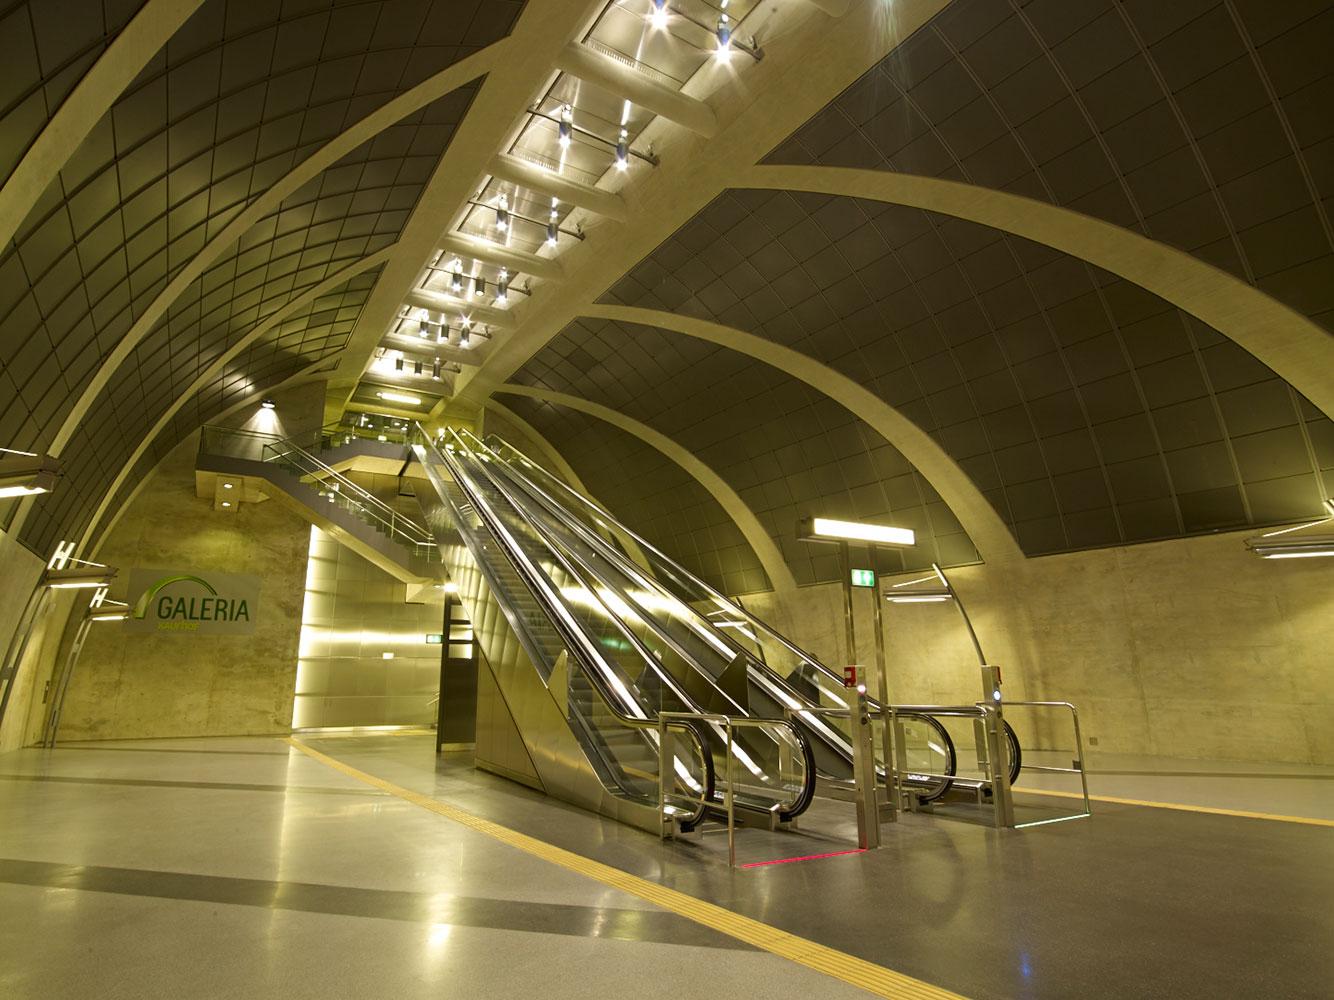 Rolltreppen in der U-Bahn Haltestelle Heumarkt.